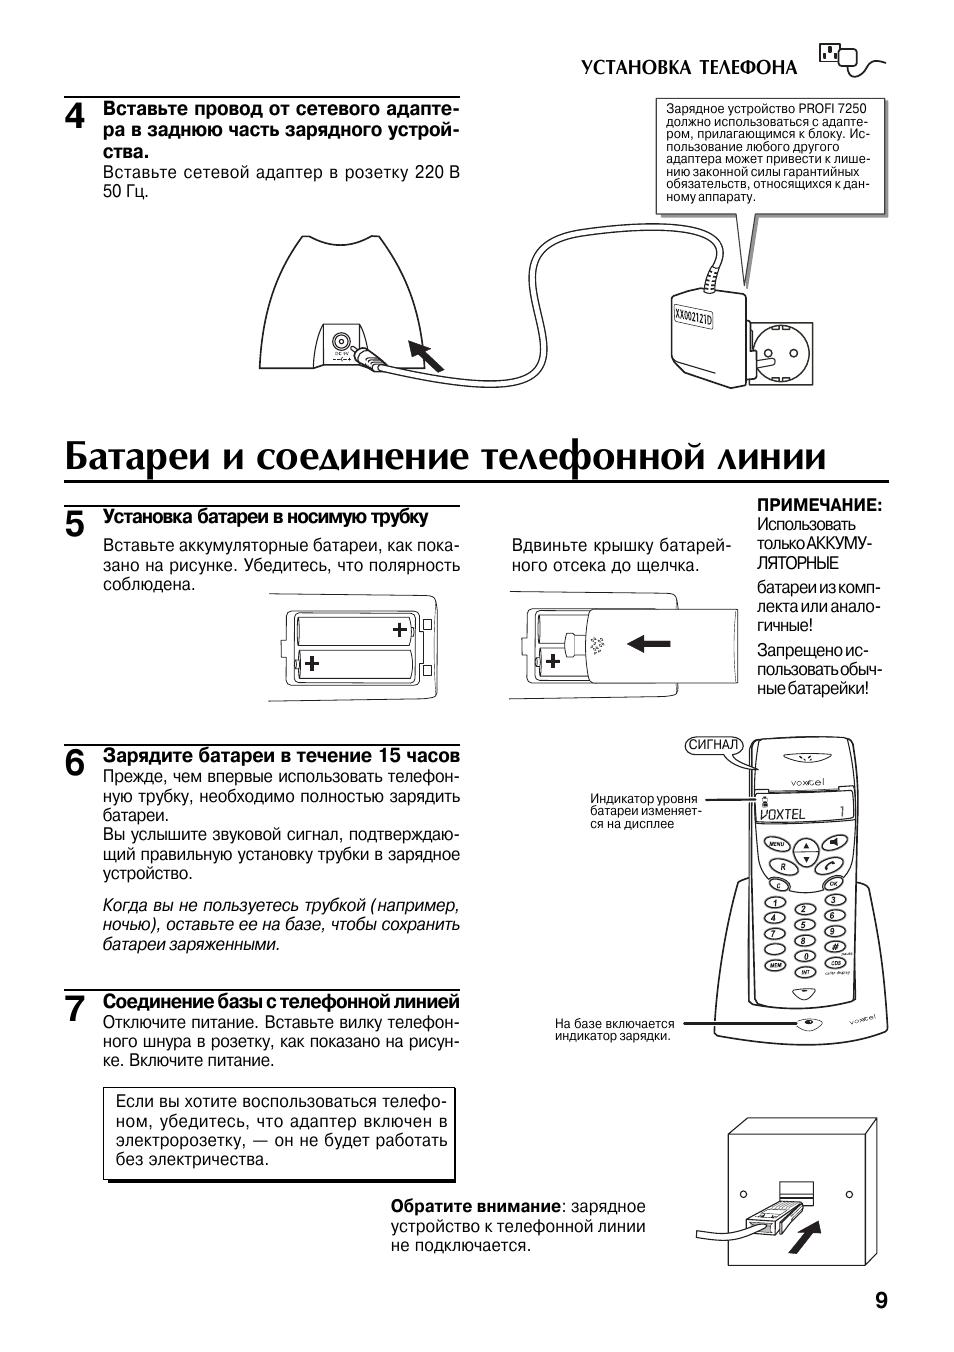 Profi 7250 voxtel инструкция